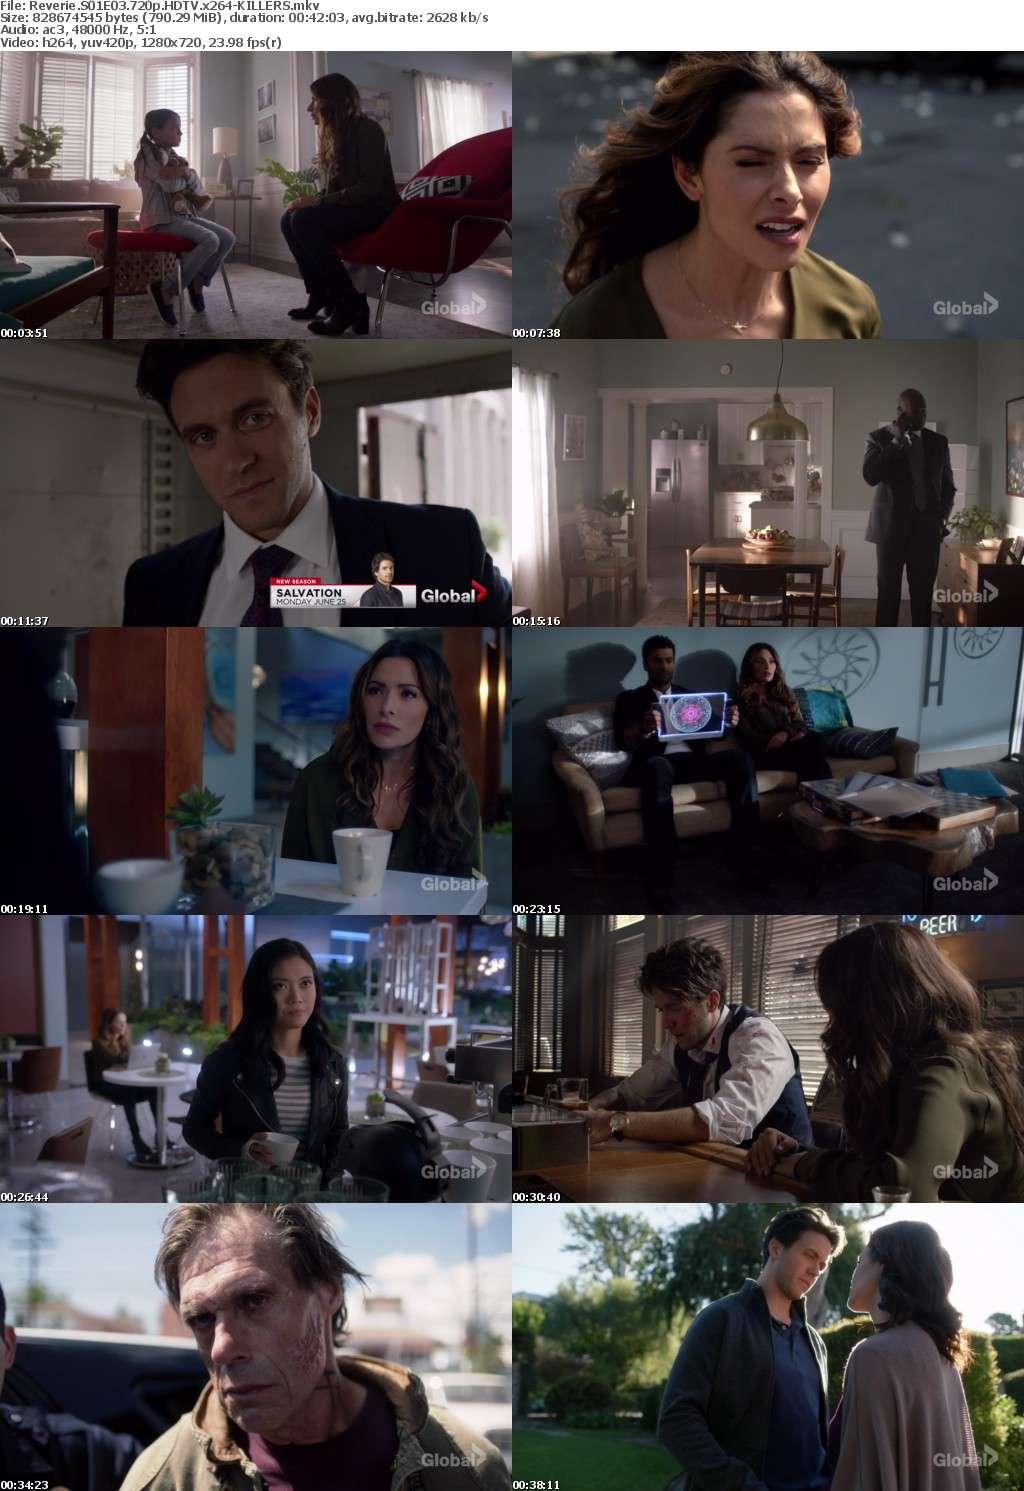 Reverie S01E03 720p HDTV x264-KILLERS